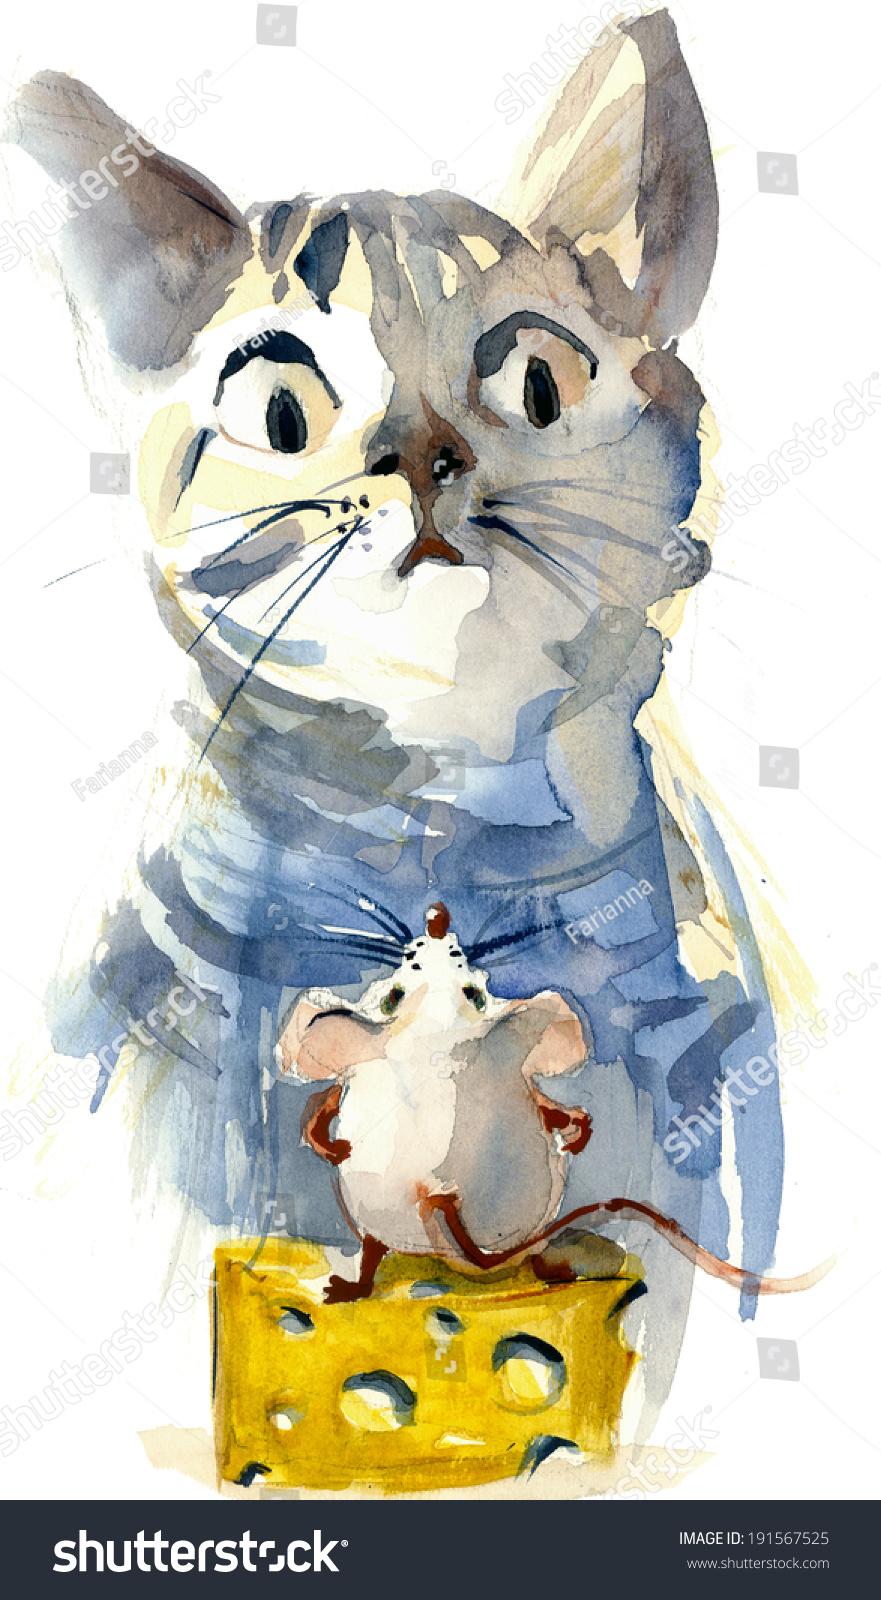 有趣的卡通猫捉老鼠的奶酪水彩插图绘画-动物/野生